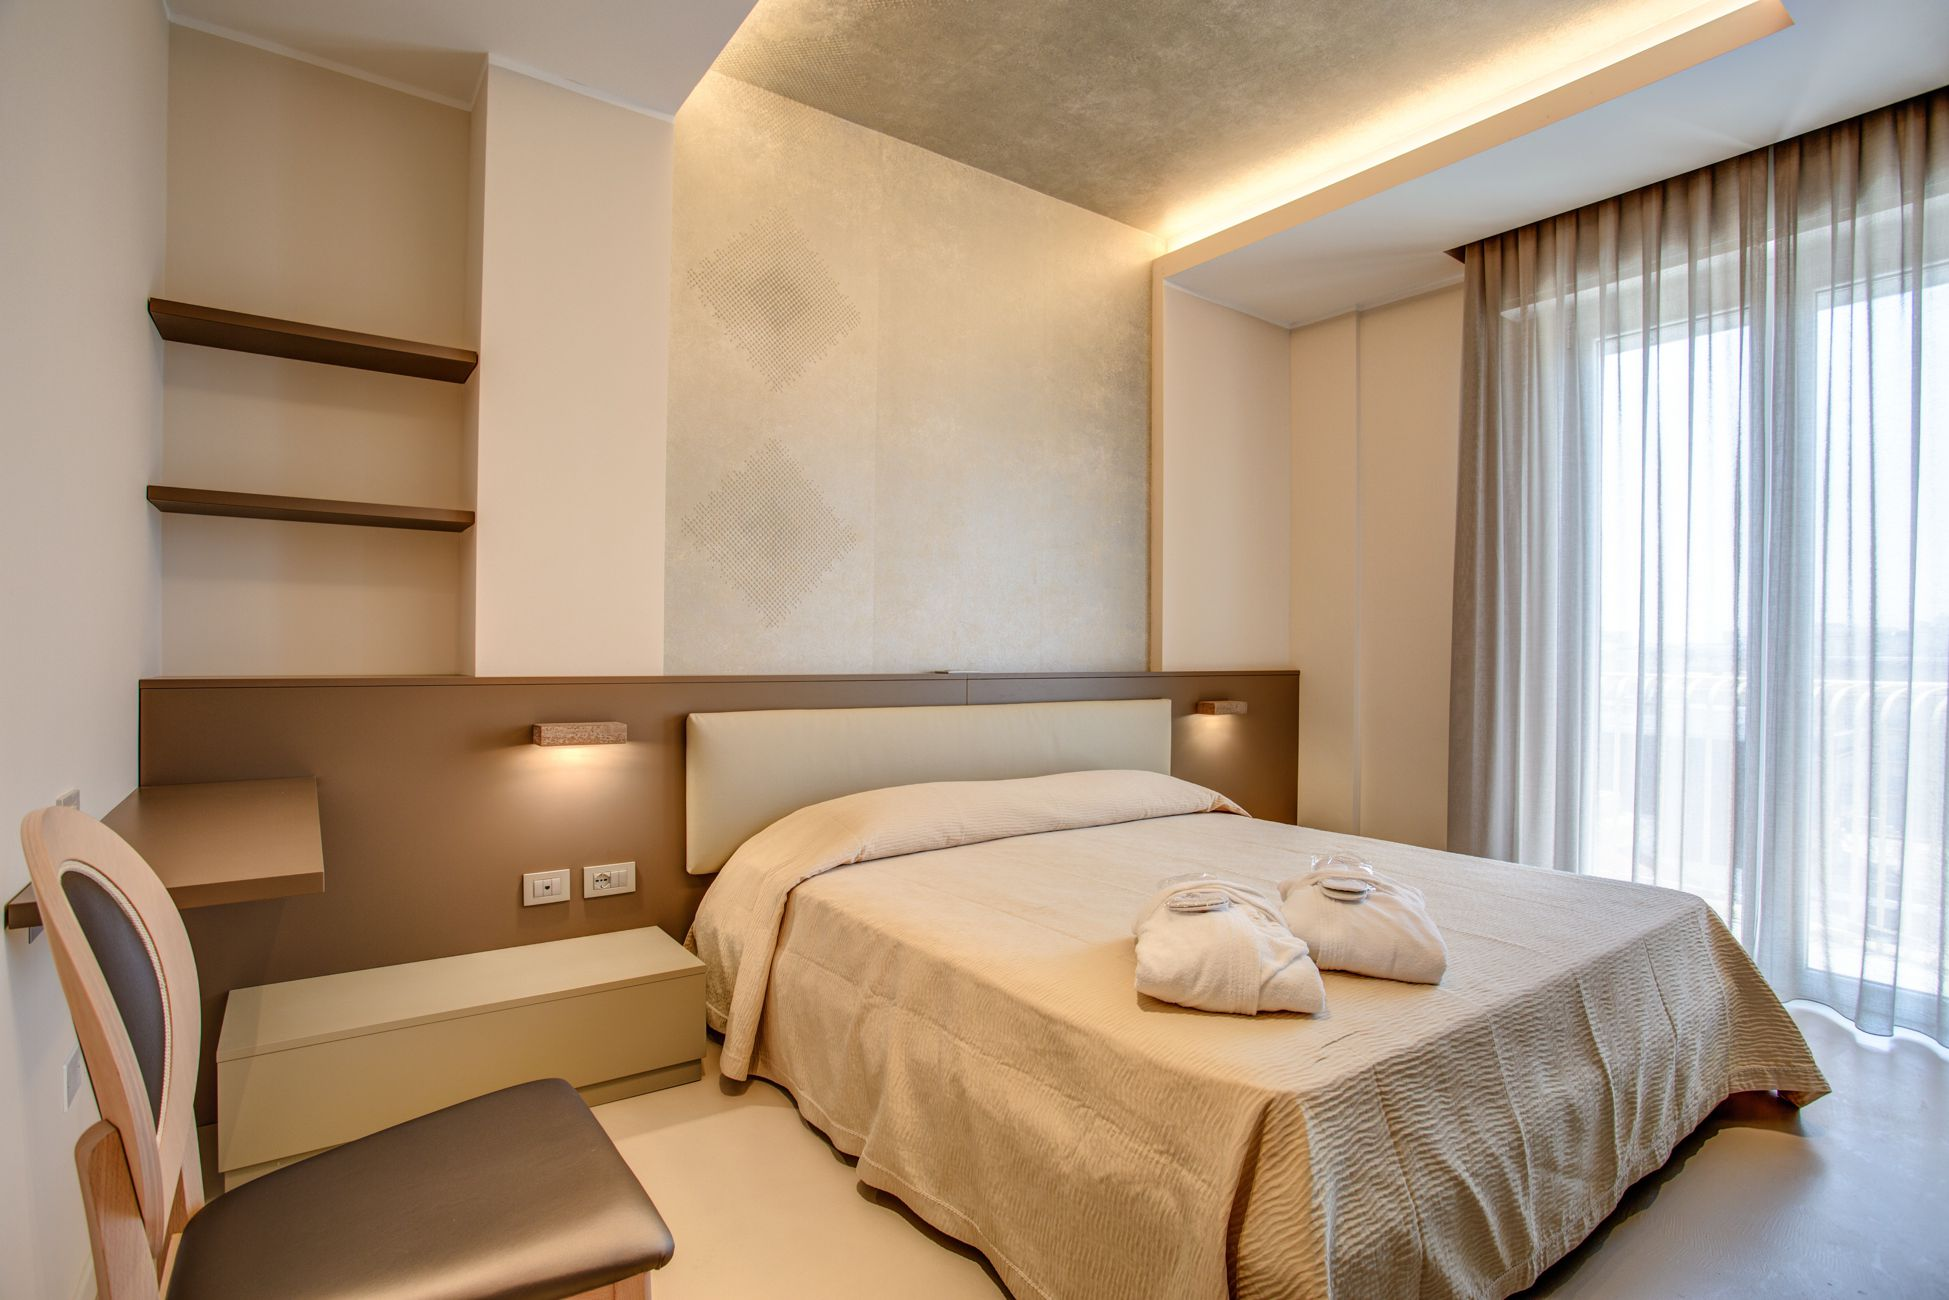 Arredamento hotel e alberghi camar mobili negozio mobili for Arredamento camere hotel